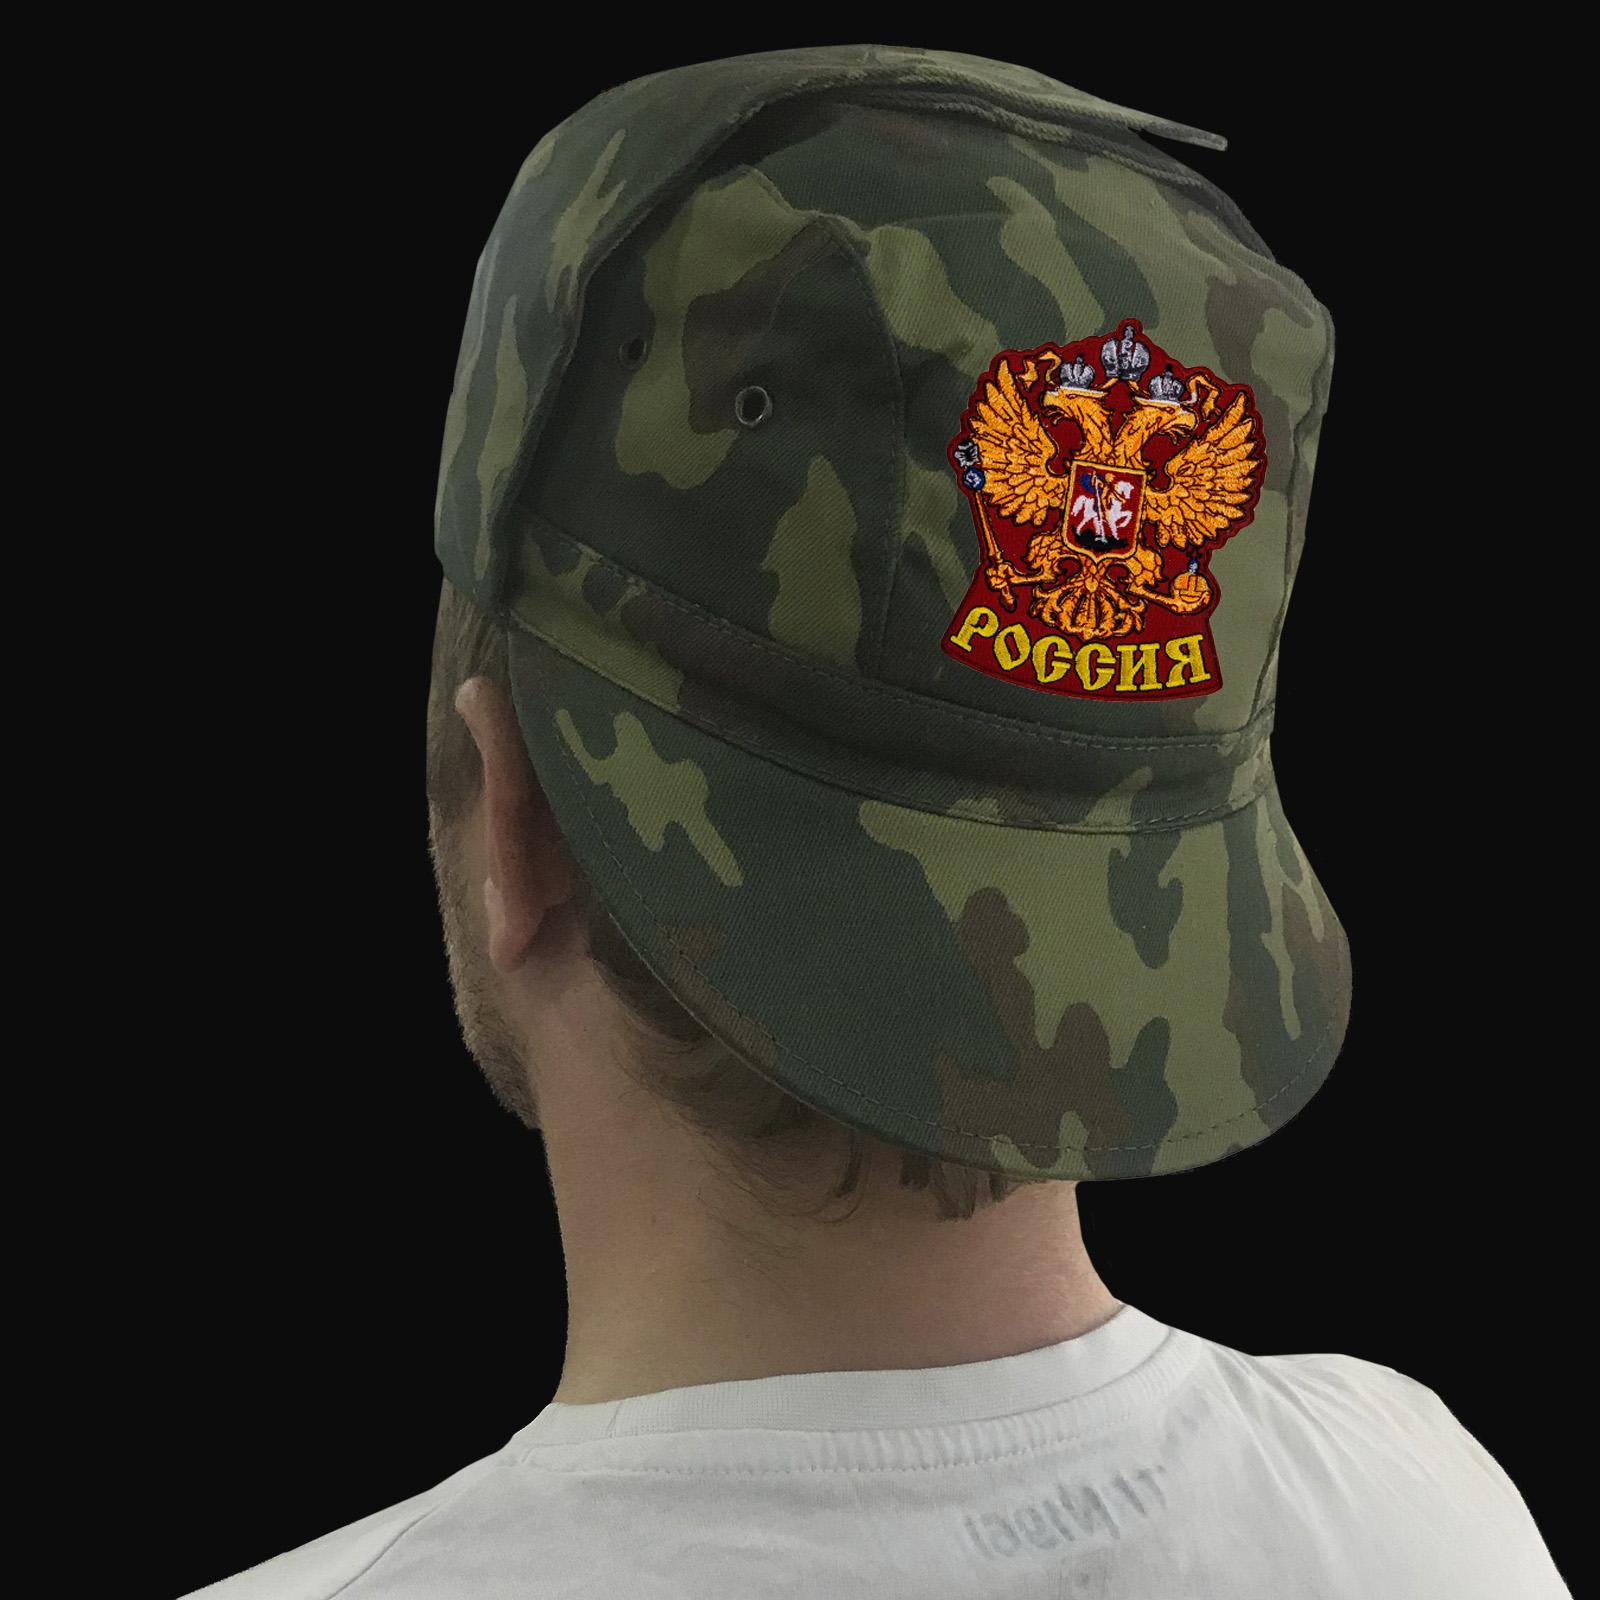 Патриотические кепки в армейском дизайне